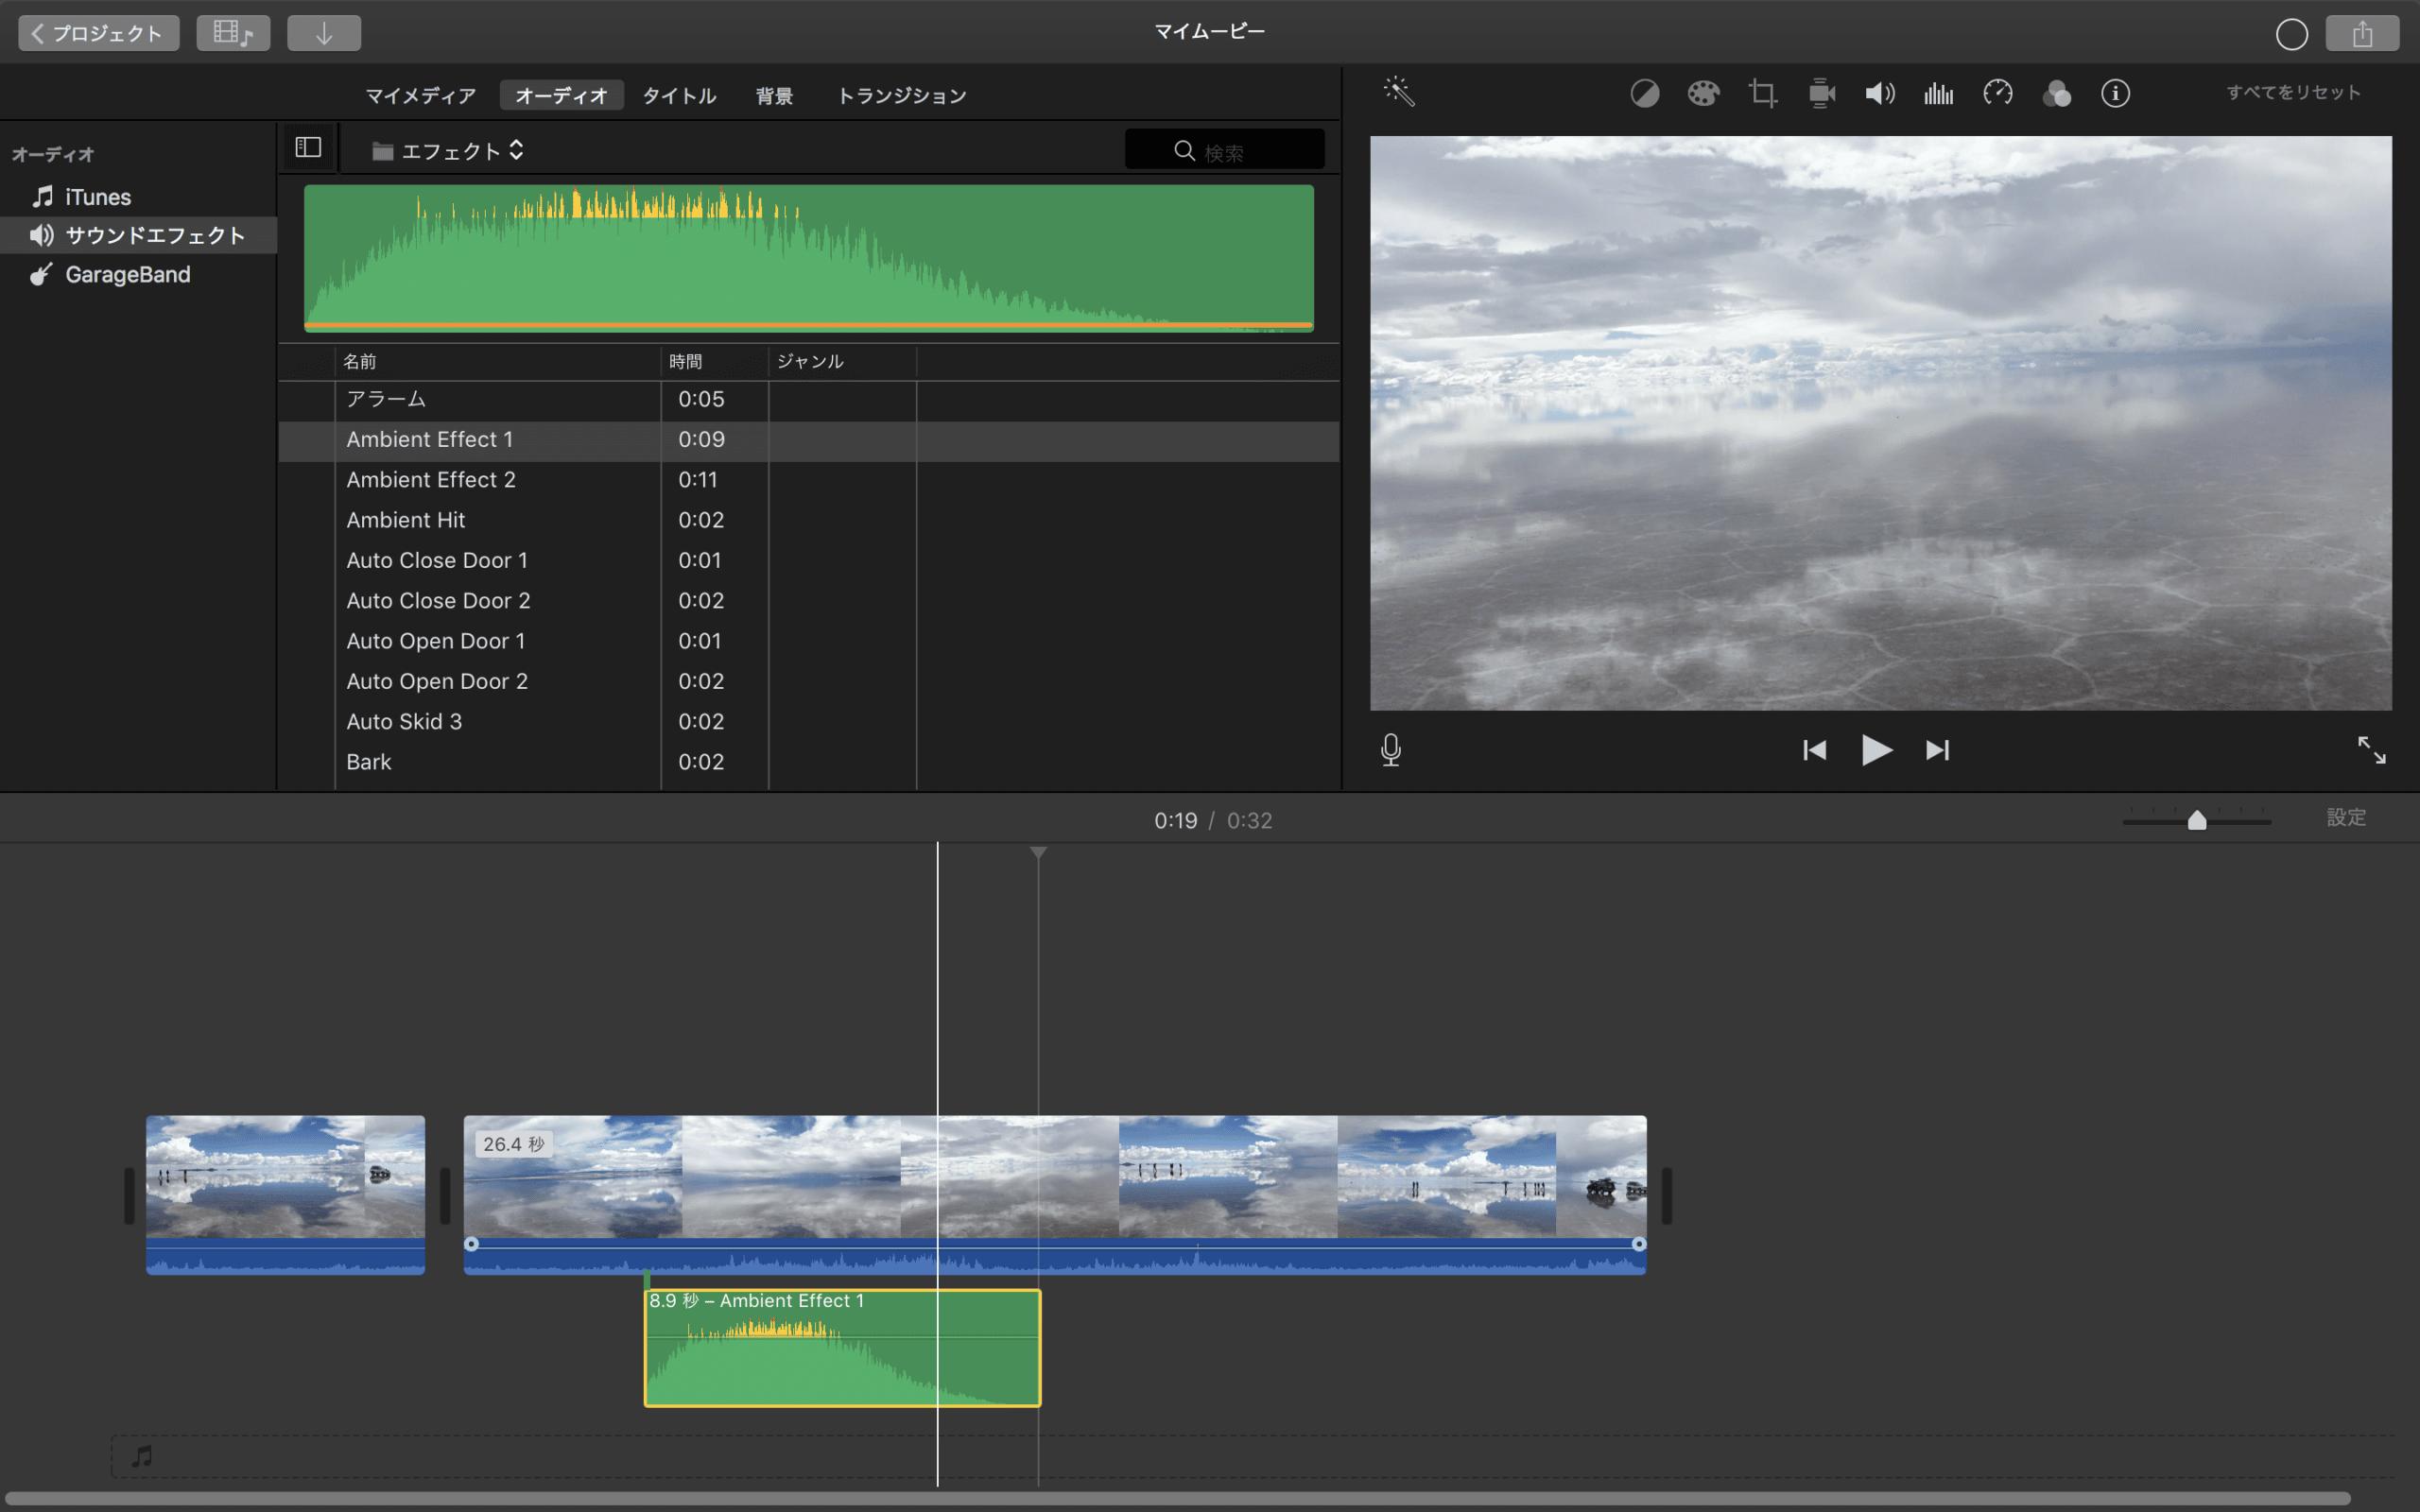 imovieで音楽を挿入する方法:サウンドエフェクトから挿入したい音楽を選ぶ